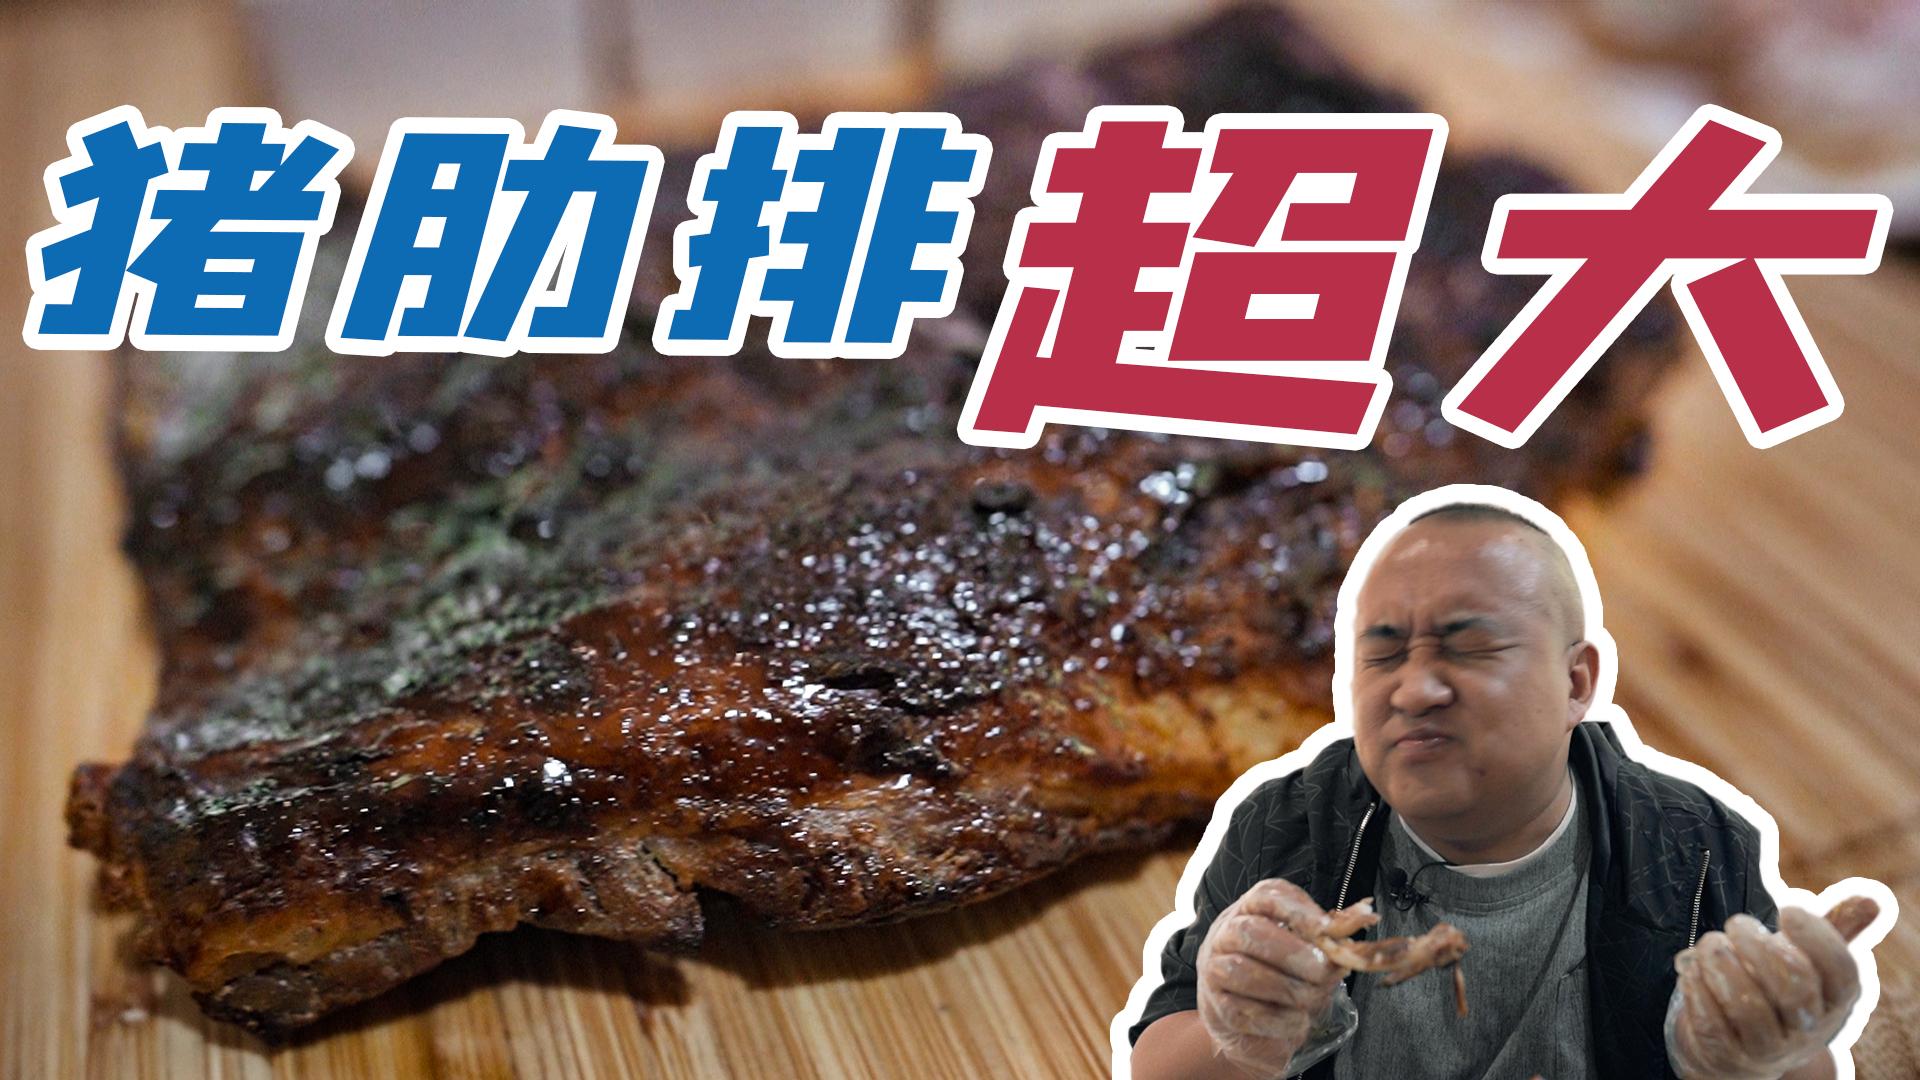 【吃货请闭眼】吃肉喝酒看足球!北京胡同里的吃肉小店,猪肋排焦香酥脆太过瘾!